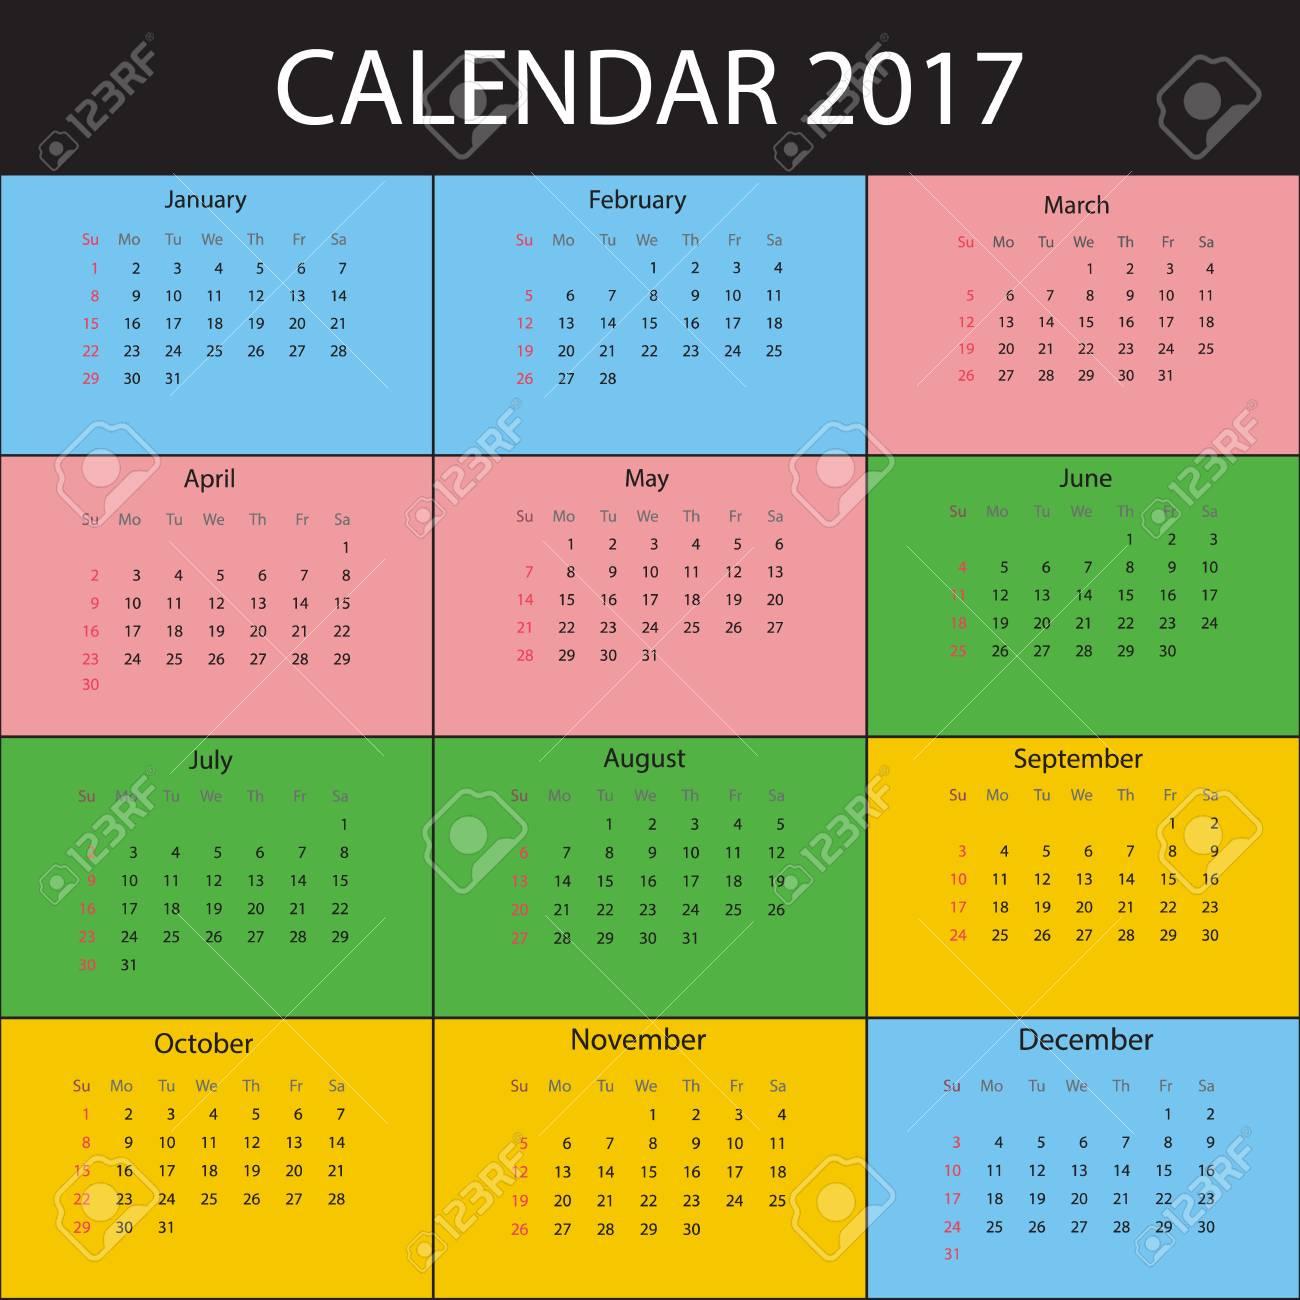 Calendario Anno 2017.Calendario Per L Anno 2017 La Settimana Inizia Domenica Modello Di Stampa Vettoriale